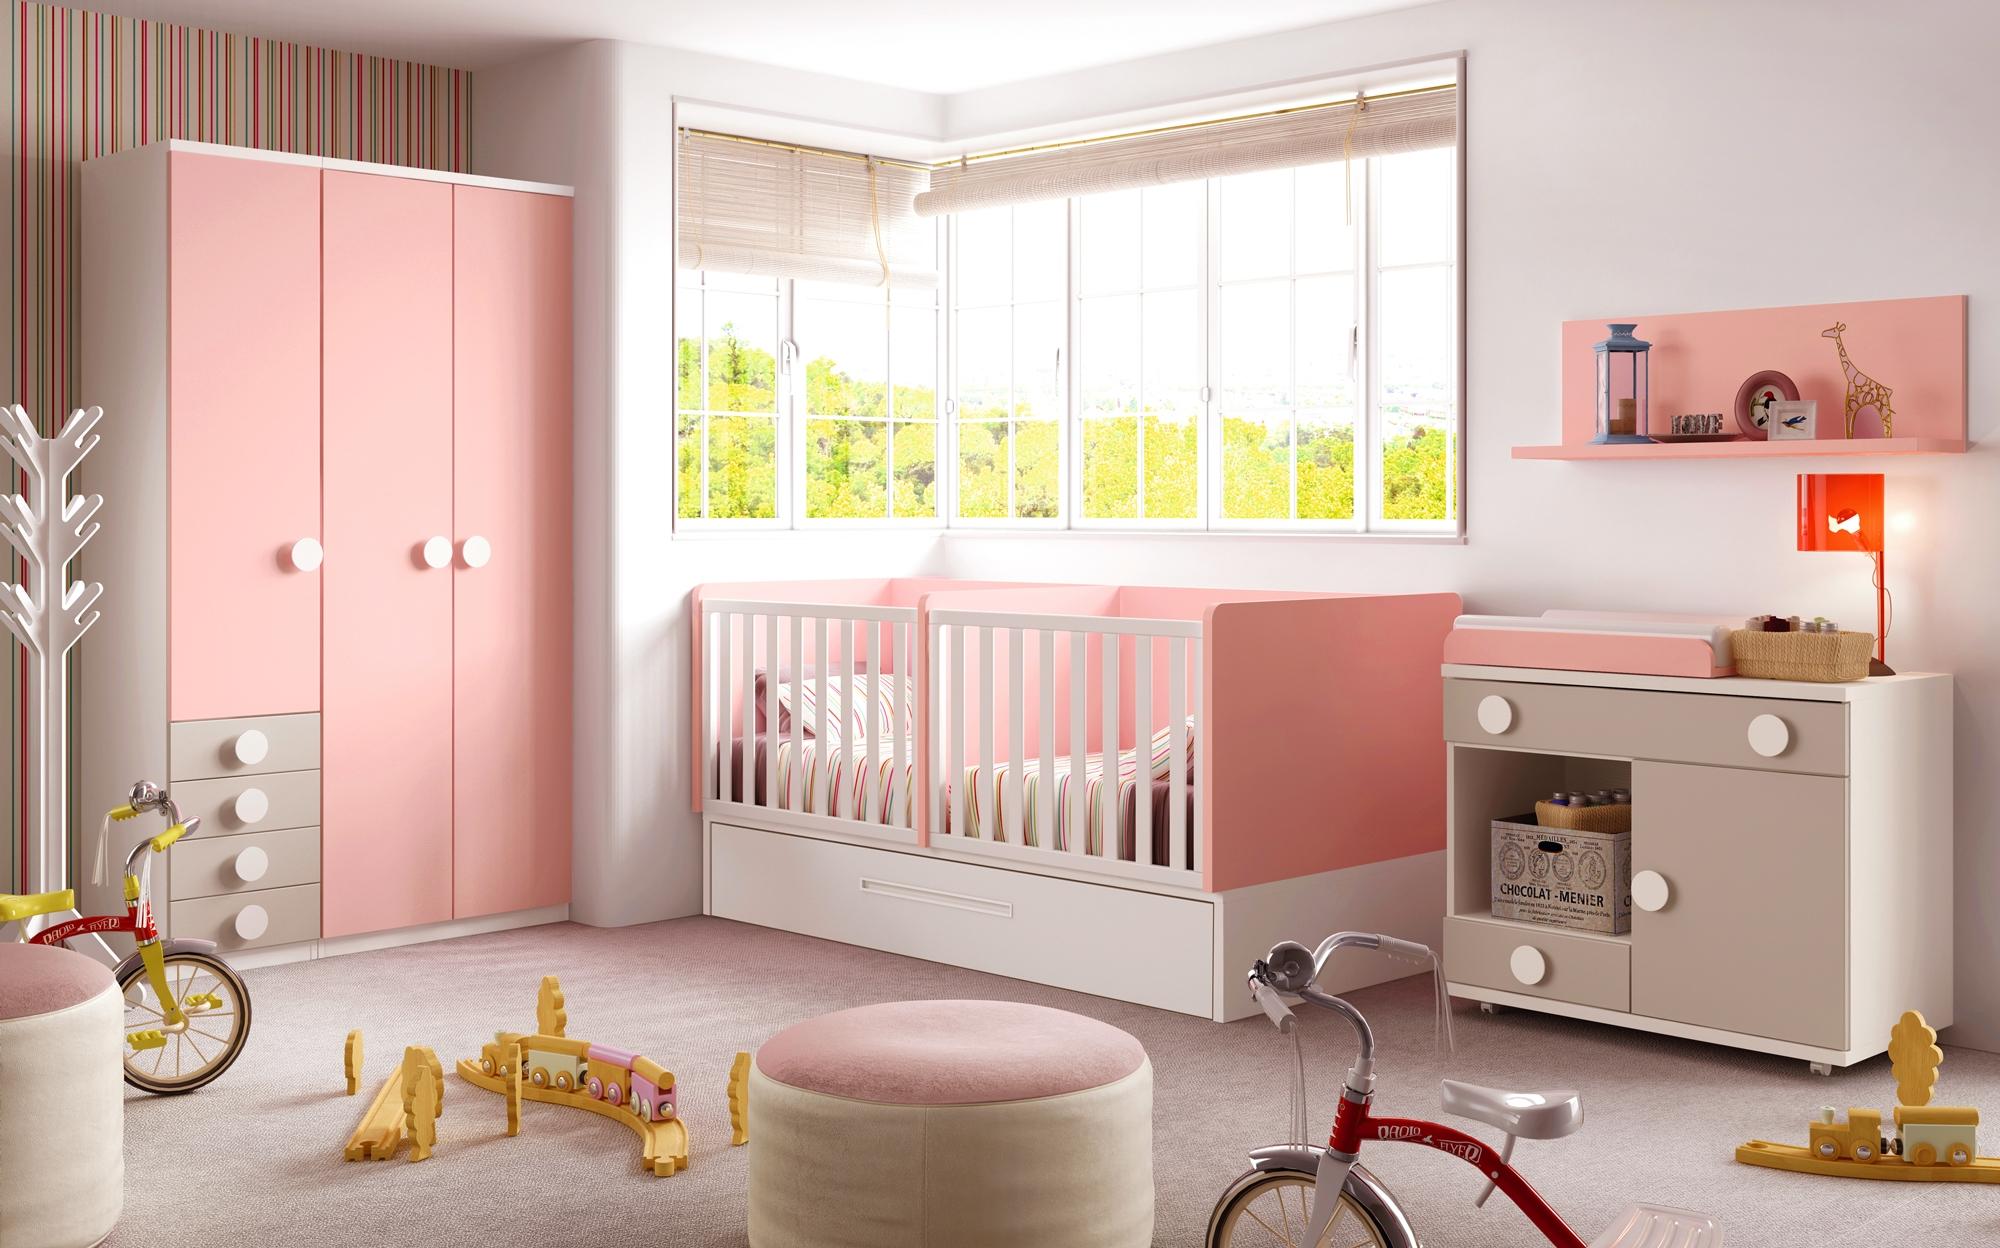 سرویس خواب نوزاد نوجوان کودک صورتی سفید دکوراسیون اتاق خواب دخترانه پسرانه